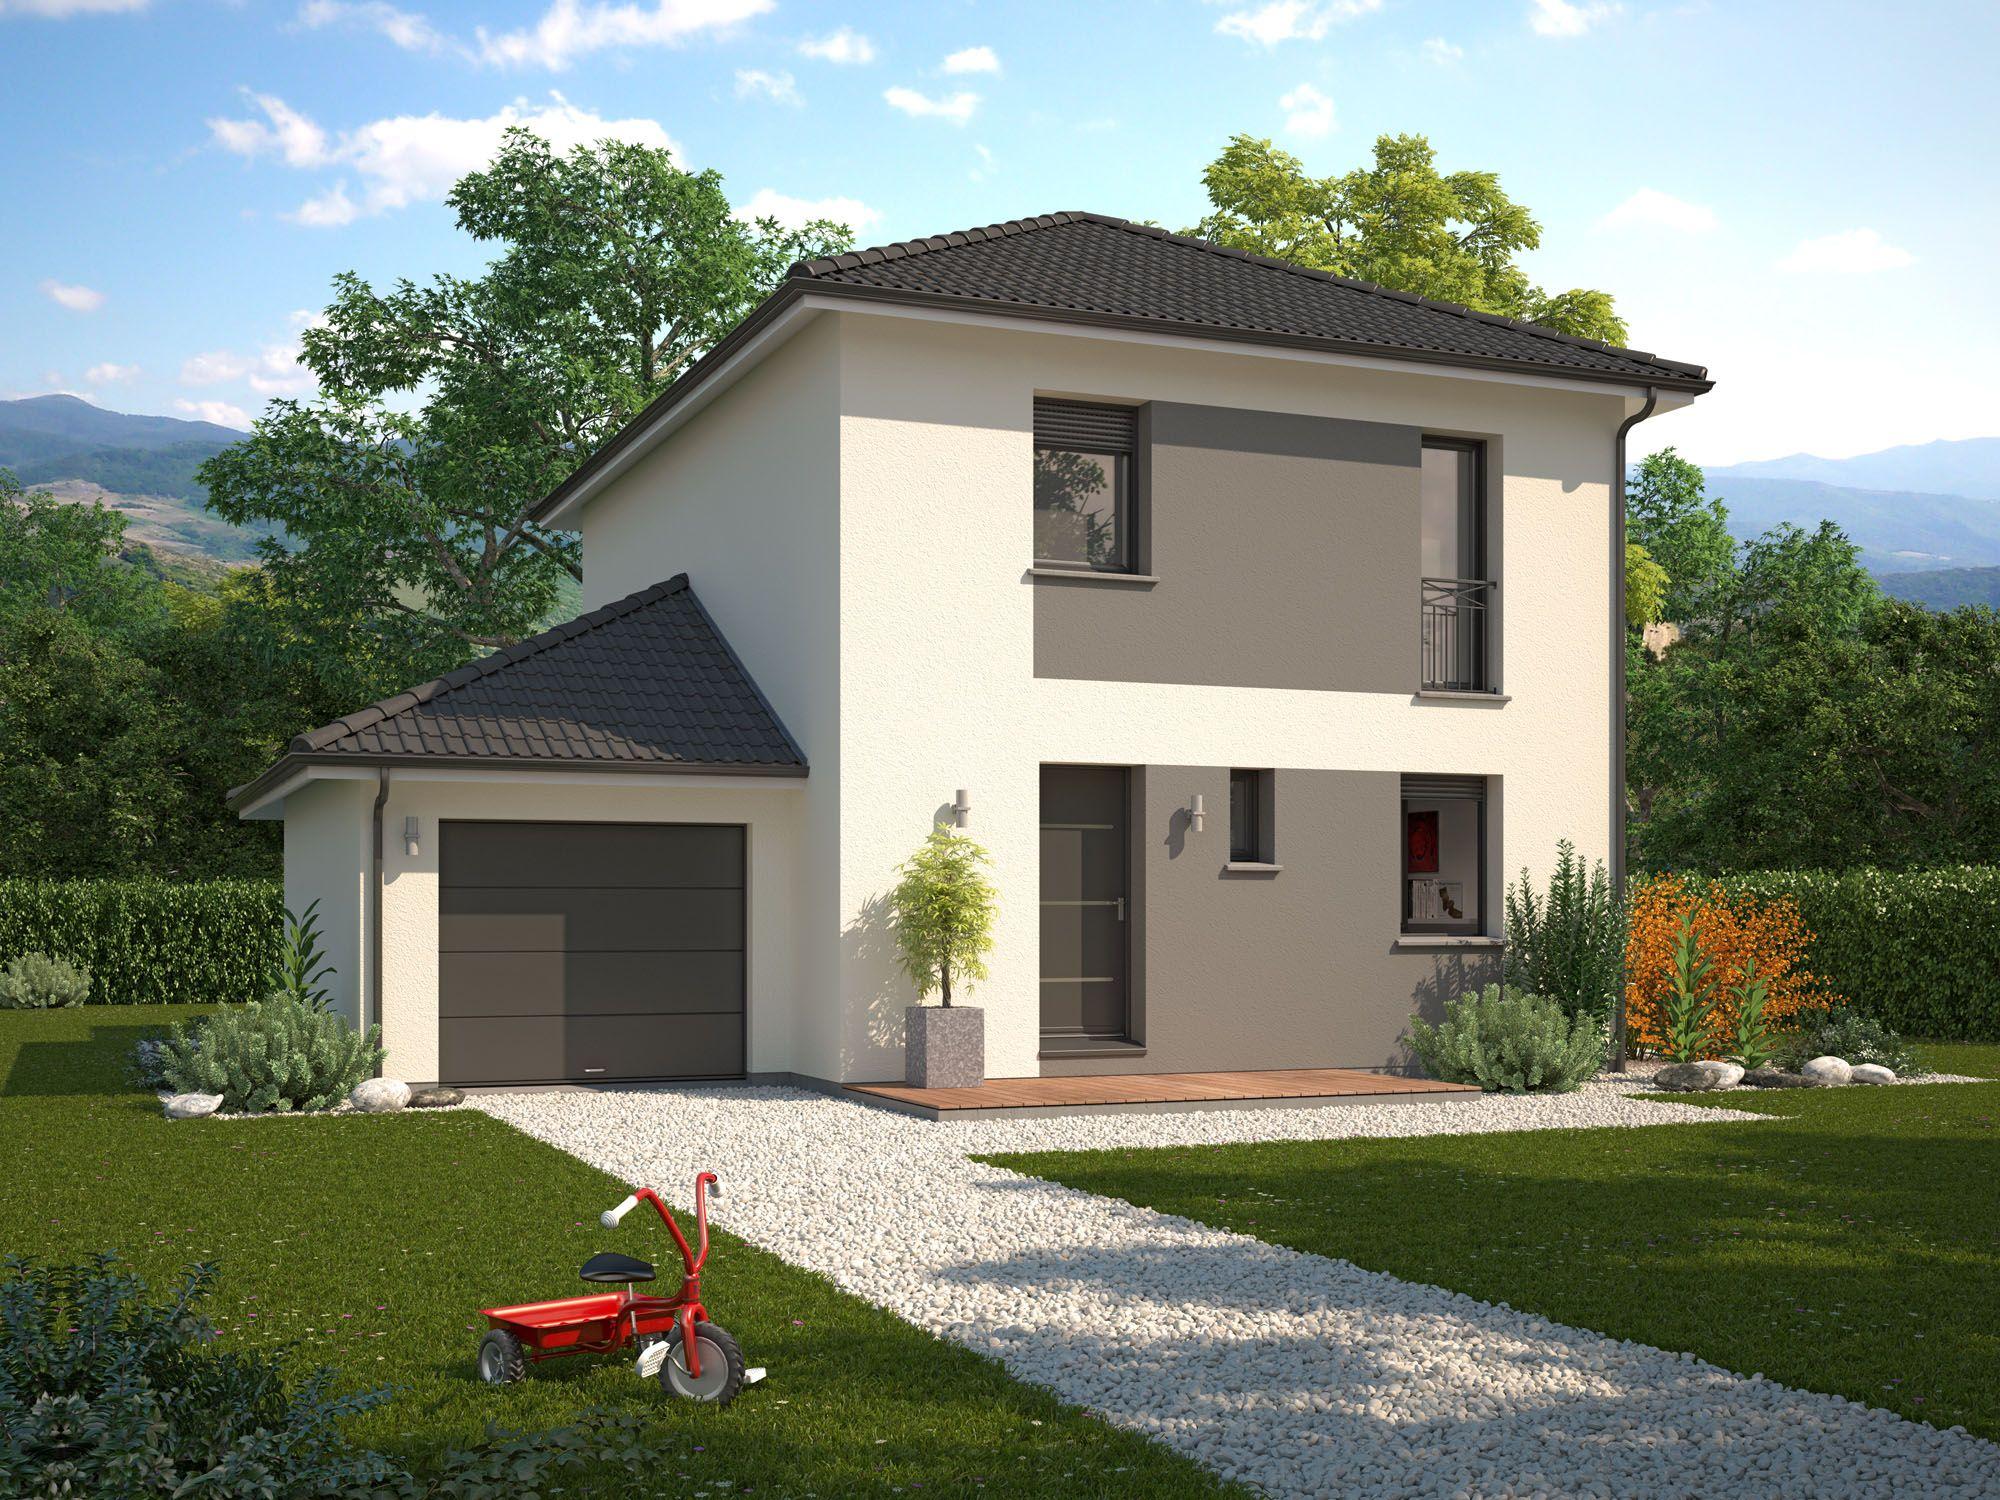 Maisons + Terrains du constructeur MAISON FAMILIALE • 90 m² • VAULX EN VELIN